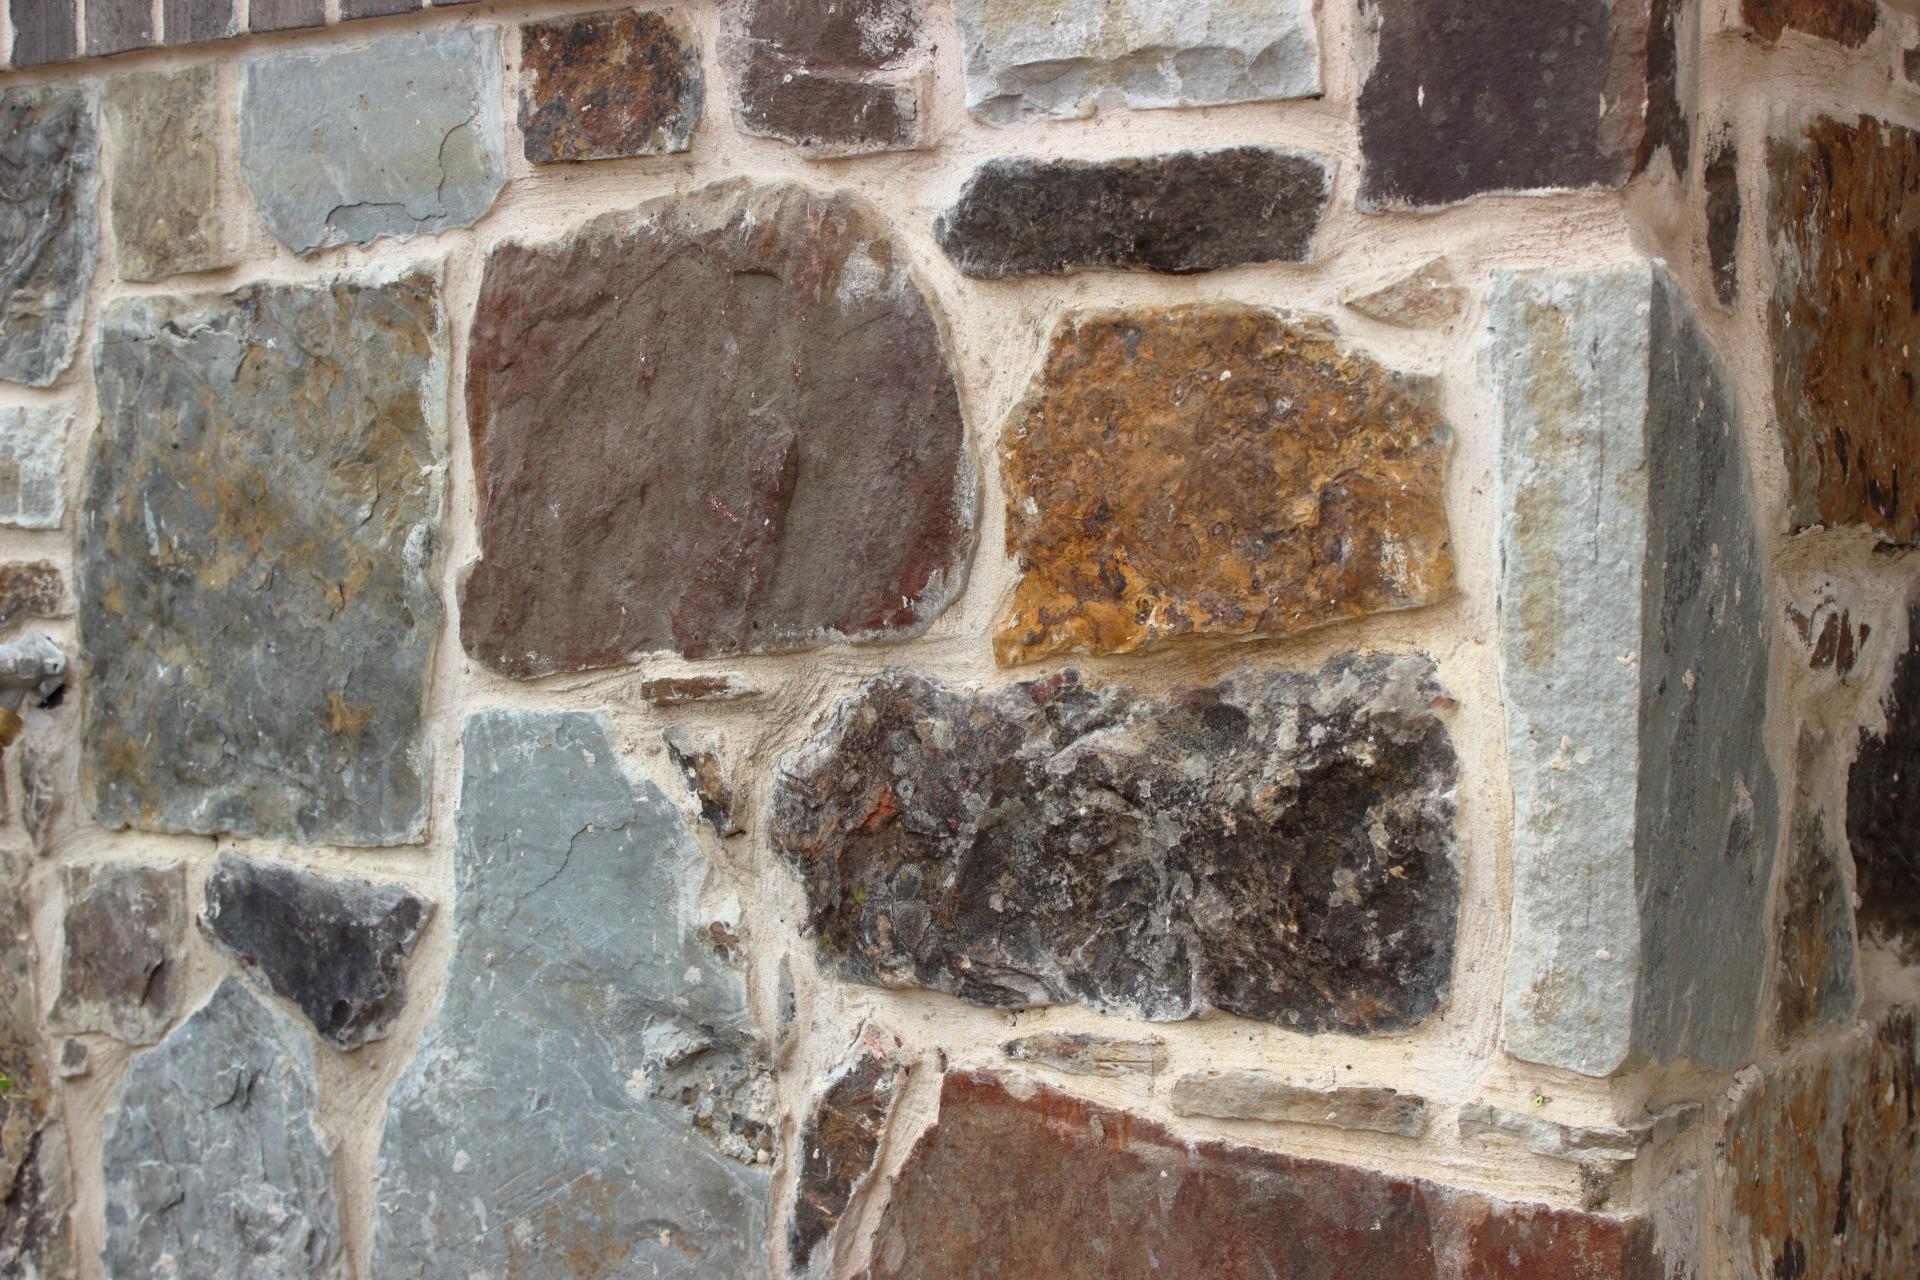 Miner's Blend Stone